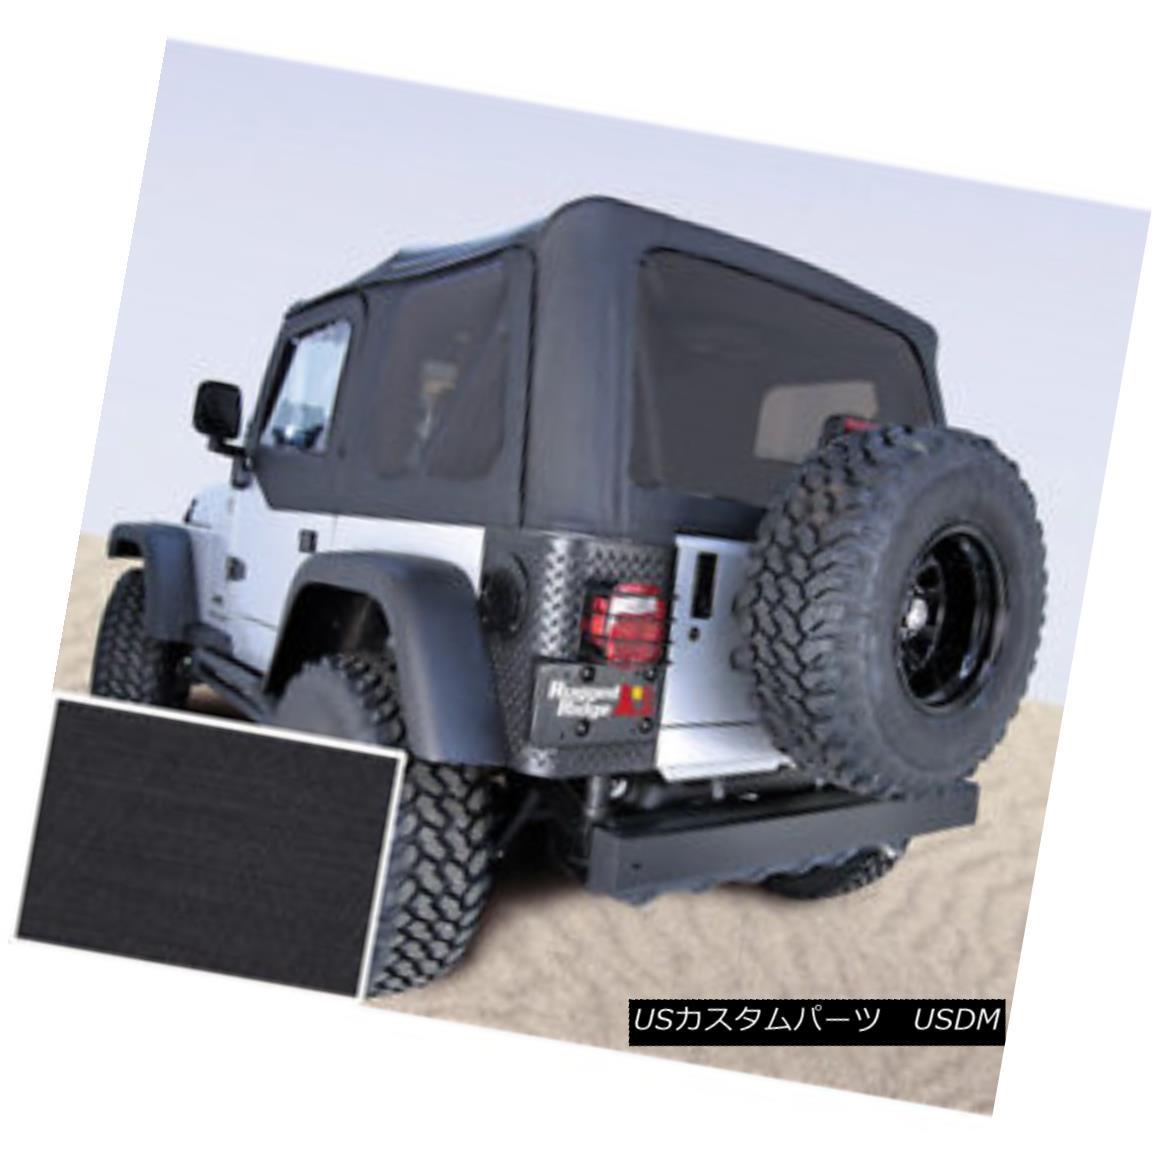 幌・ソフトトップ Rugged Ridge 13710.35 Soft Top No Door Skins Black Tinted Windows Jeep Wrangler Rugged Ridge 13710.35ソフトトップドアスキンなしブラックティンテッドウィンドウジープラングラー